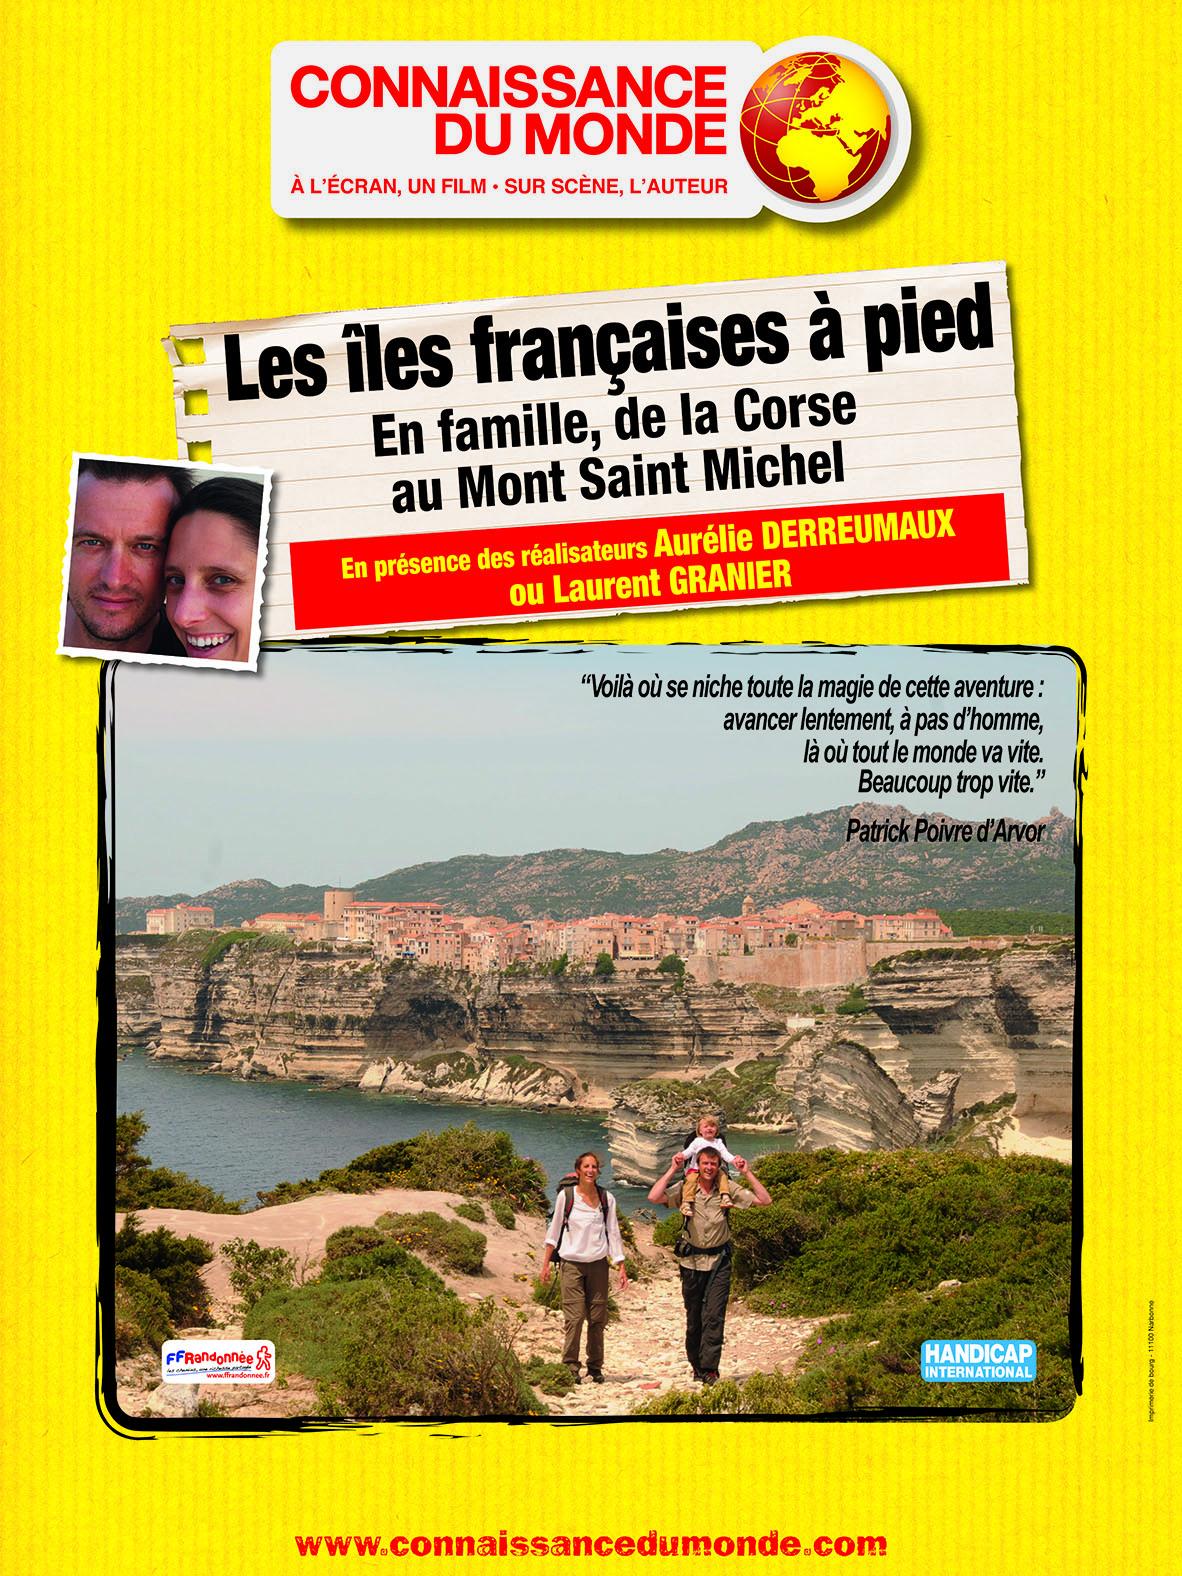 Les îles françaises à pied, En famille, de la Corse au Mont Saint Michel